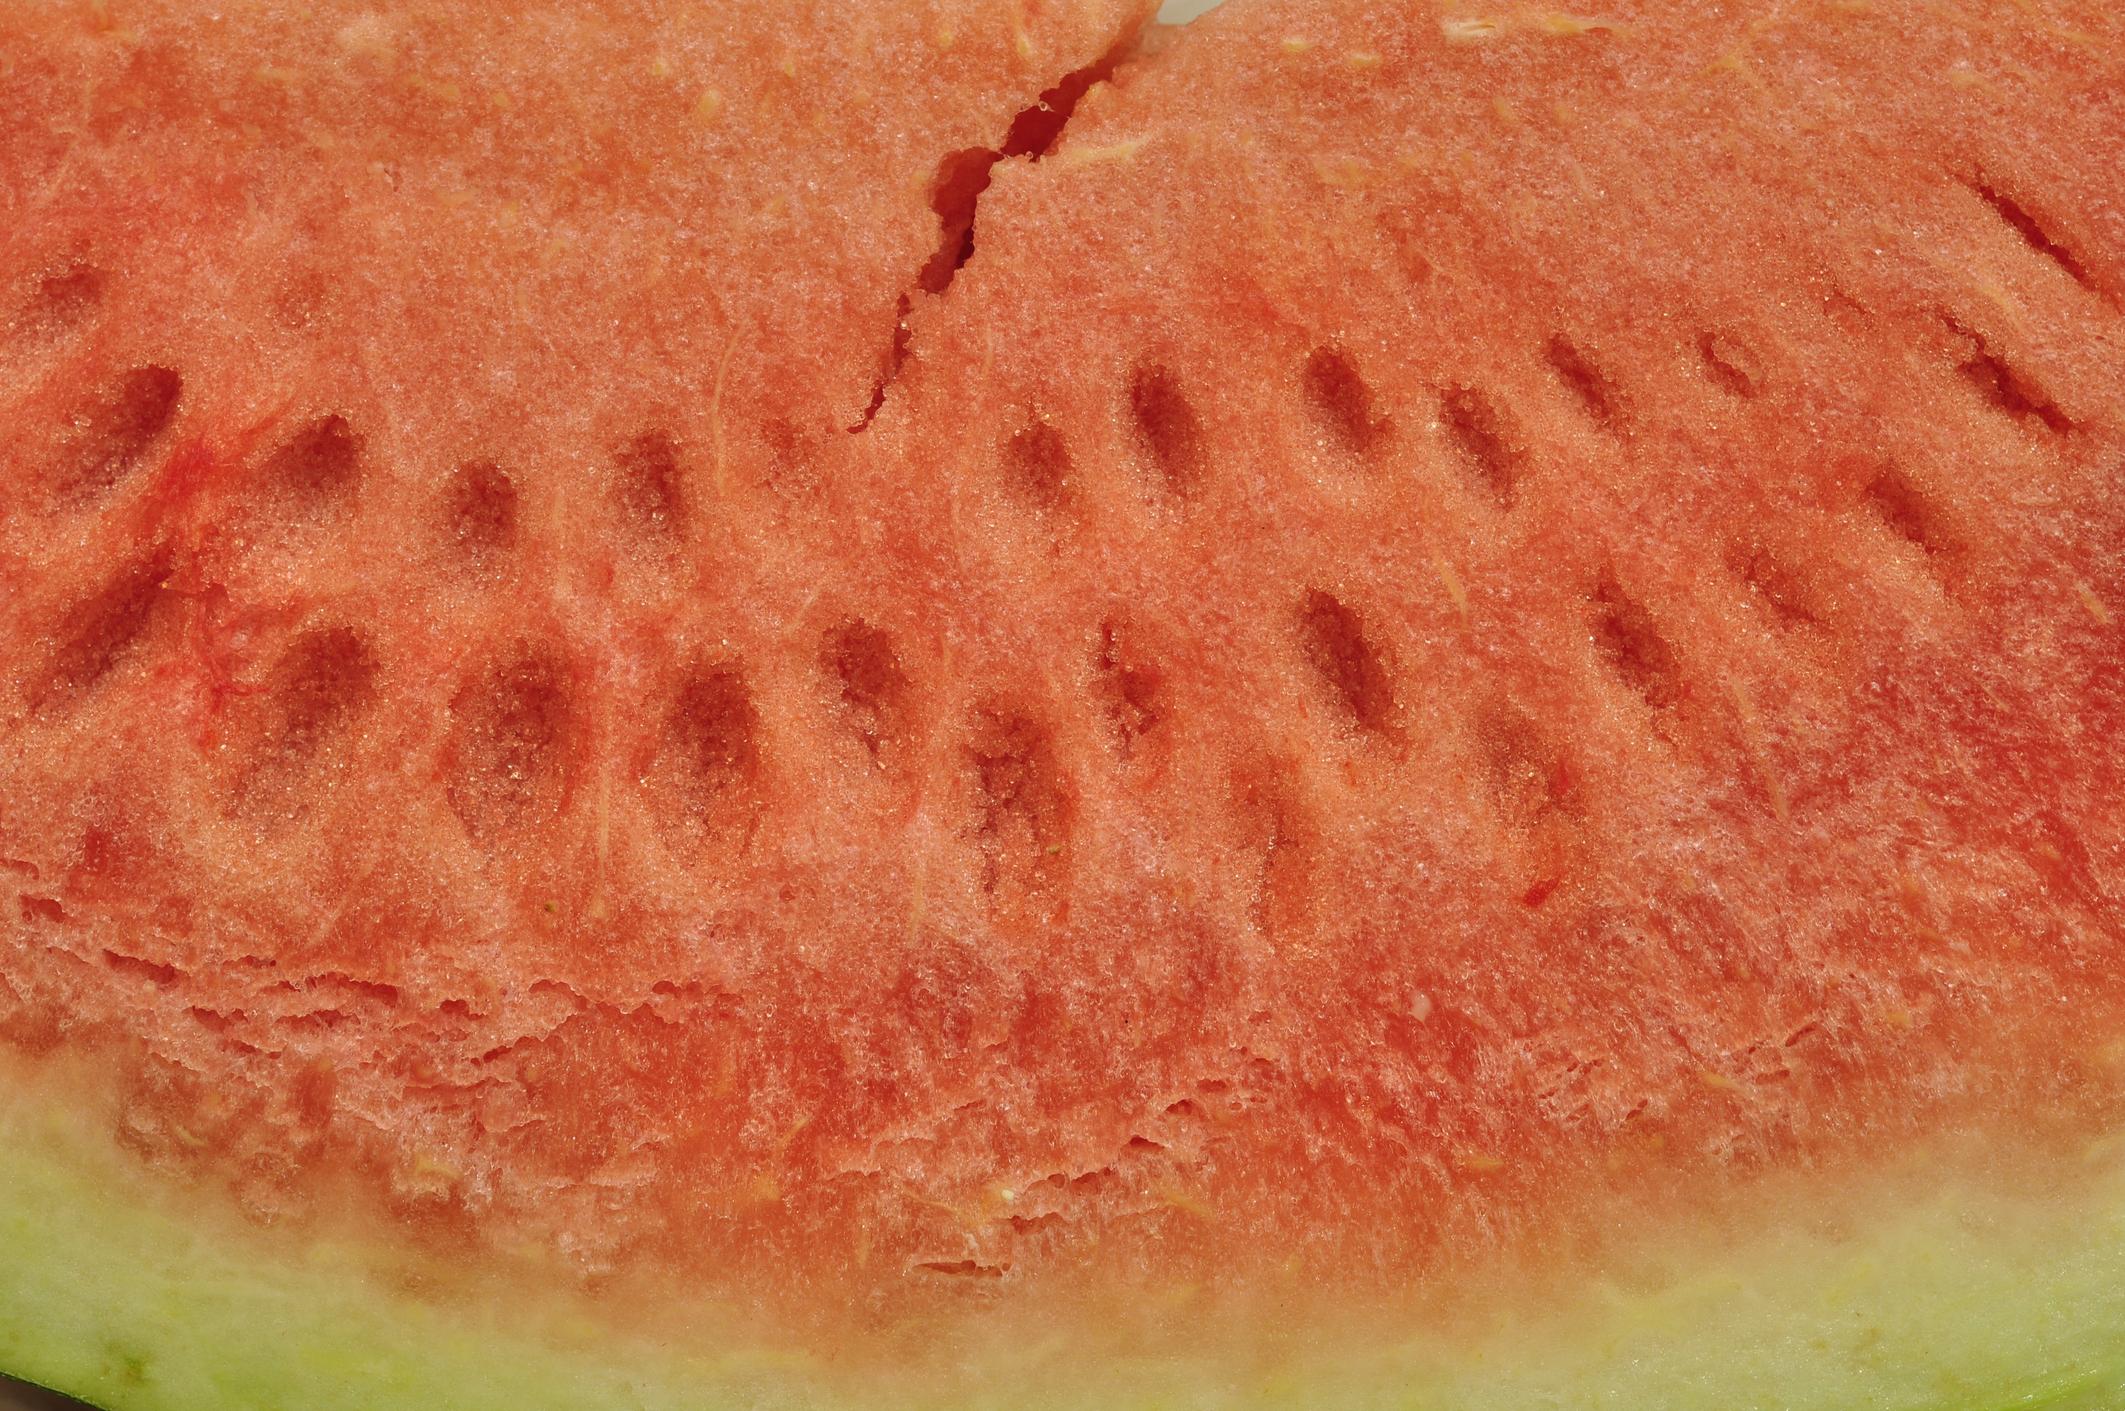 Ако разрежете диня и видите, че в нейната вътрешност има пукнатини, а структурата ѝ изглежда захарна – това не е резултат от презряване. Вероятно при отглеждането на плода е използван форхлорфенурон или друг регулатор на растежа.